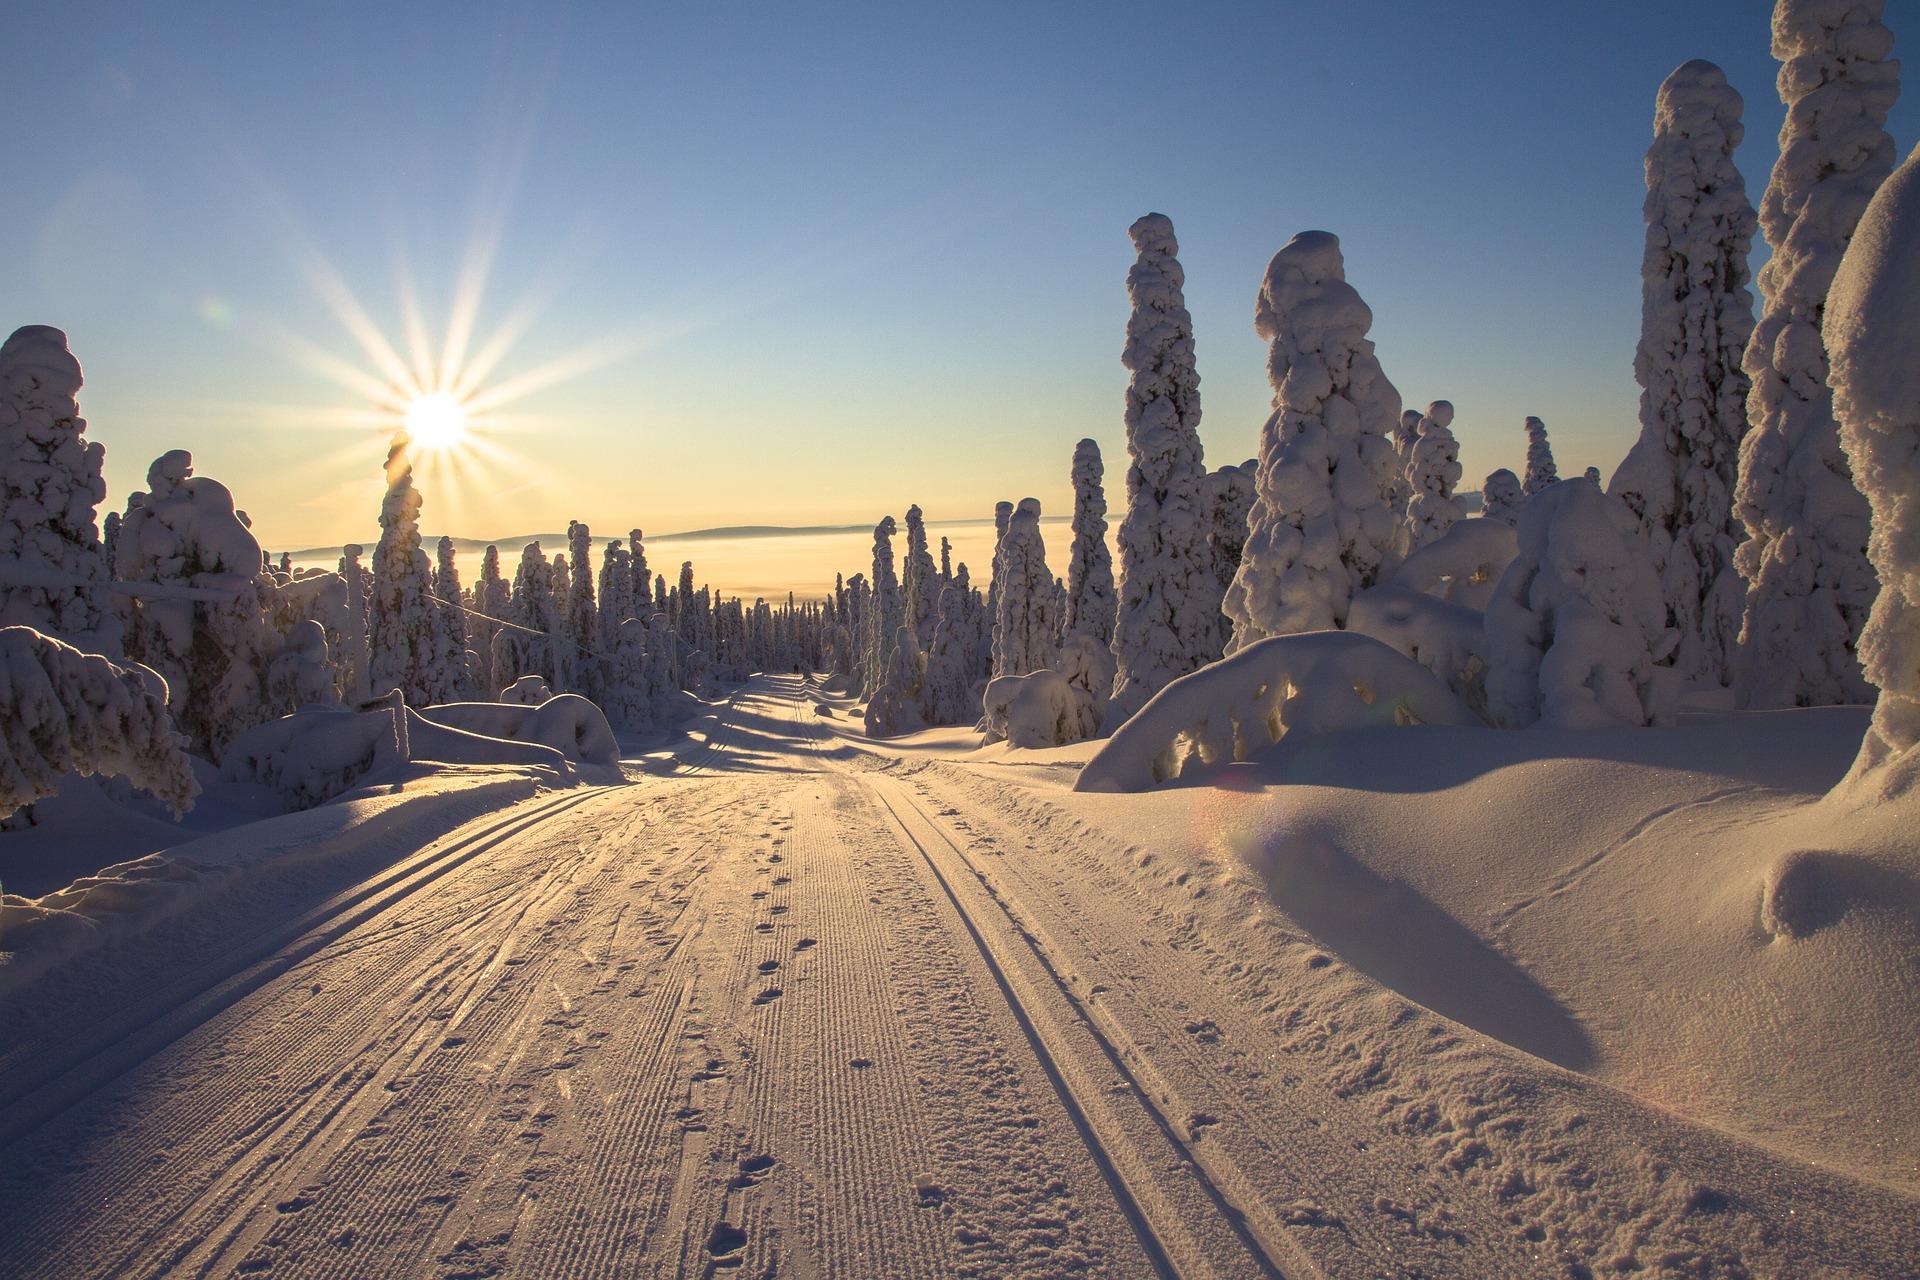 Winter Wonderland in Lapland